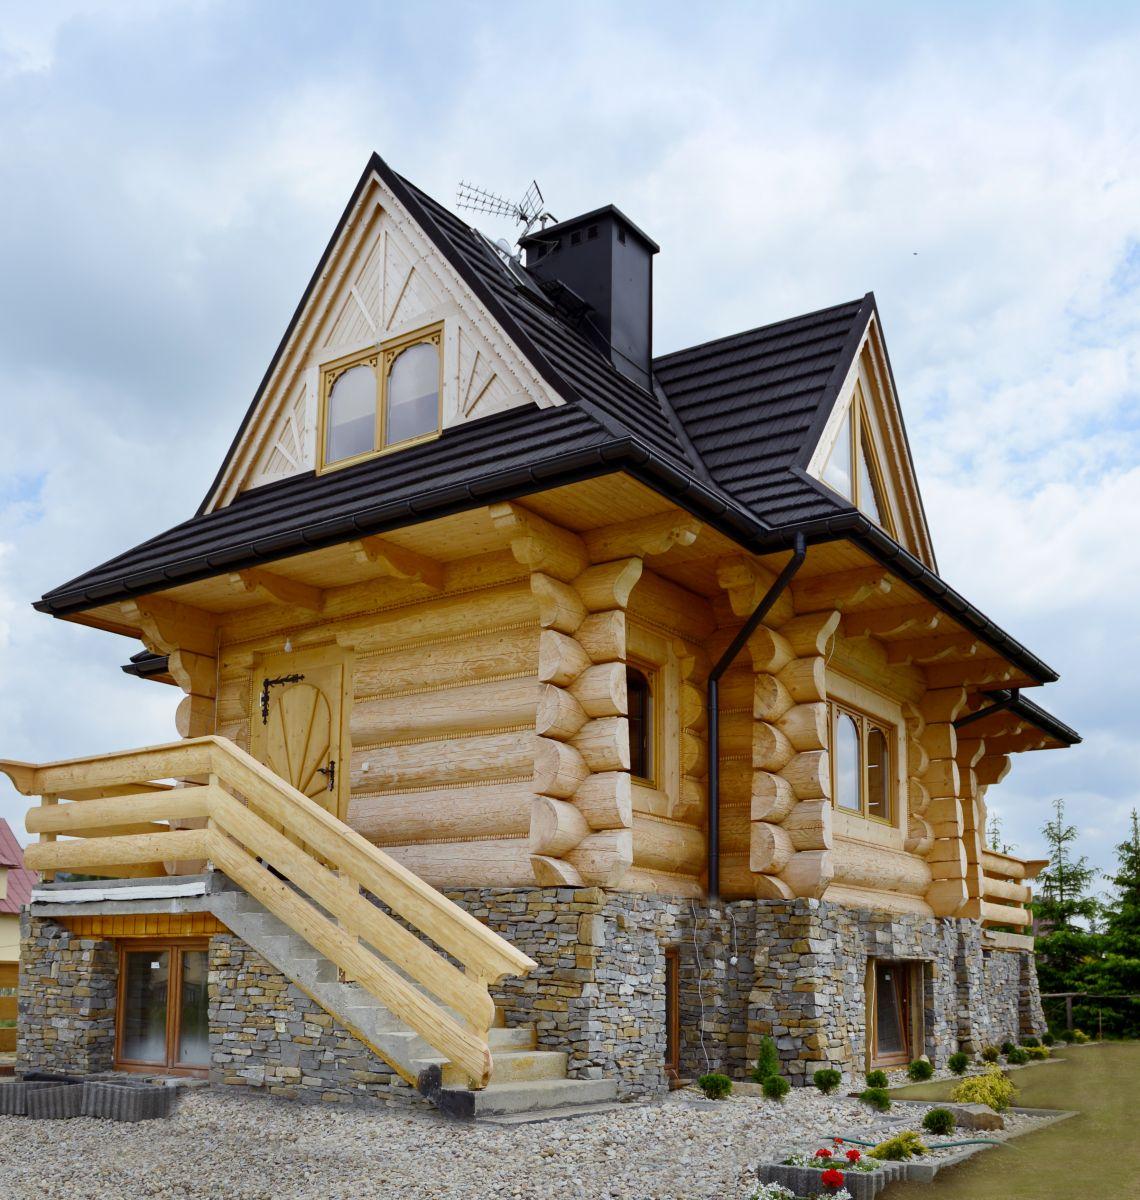 Noclegi w Białce Tatrzańskiej Domek do wynajęcia